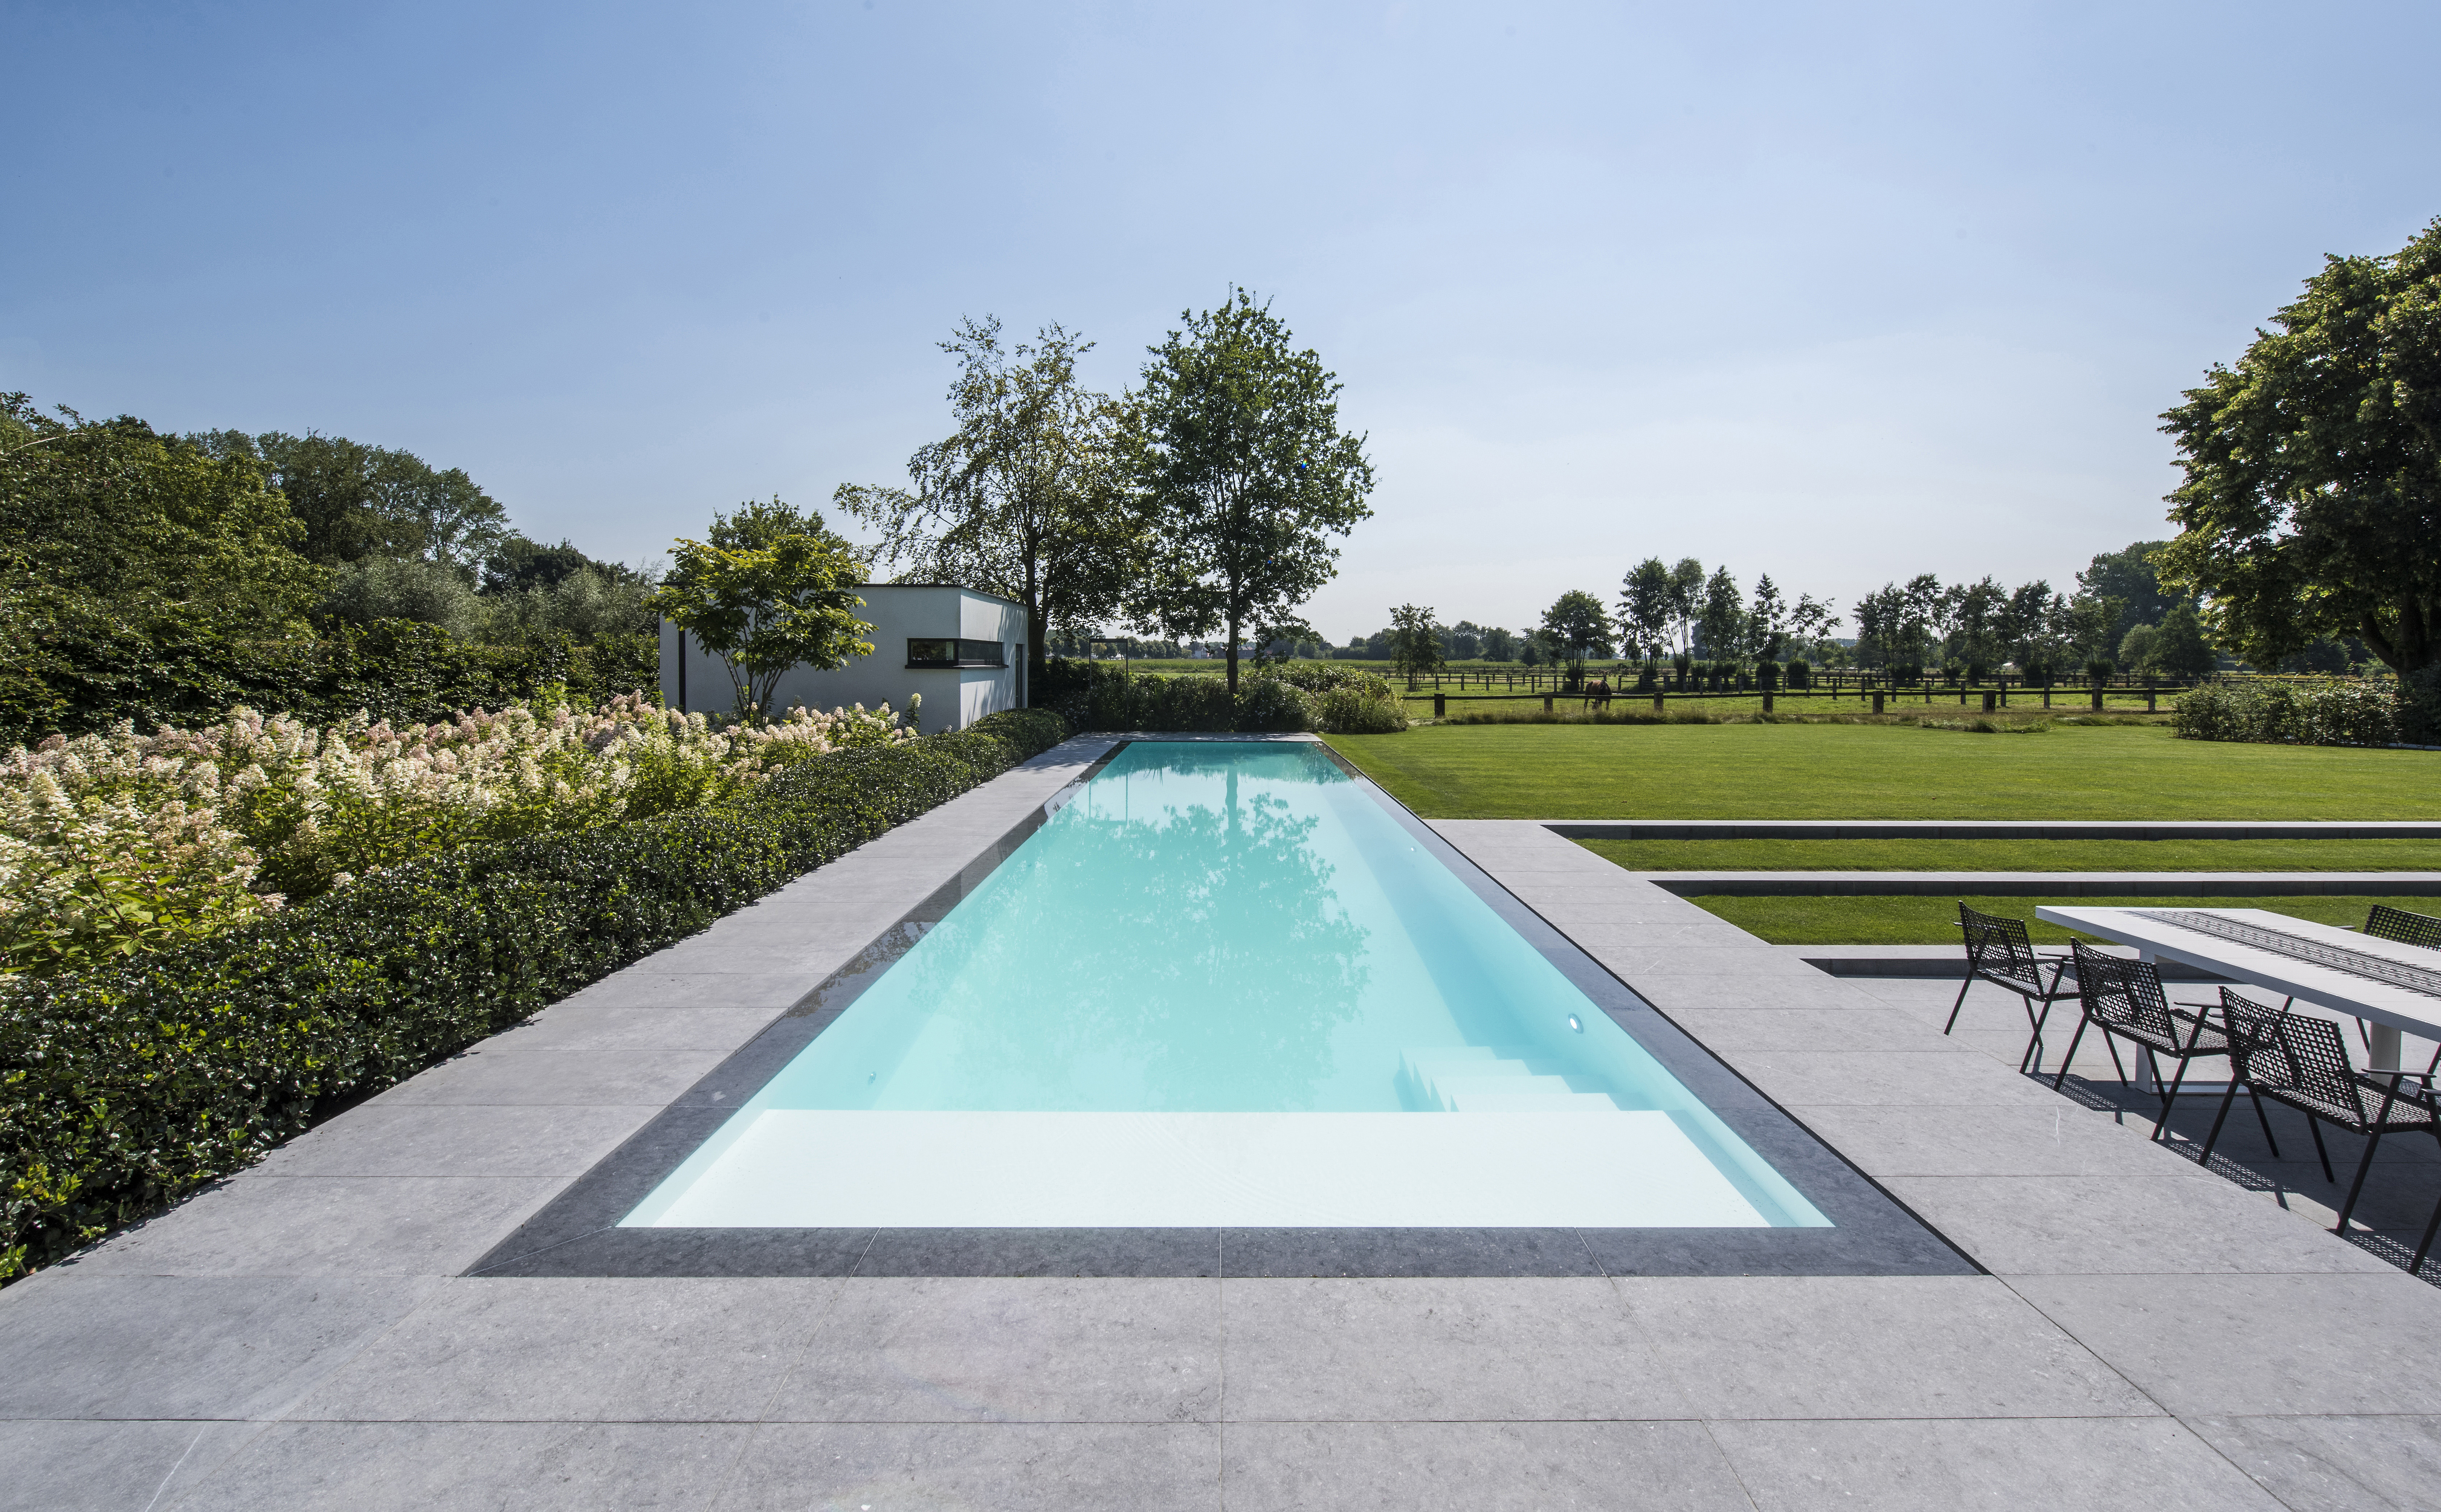 Een infinity pool zorgt voor constant vakantiegevoel in je tuin